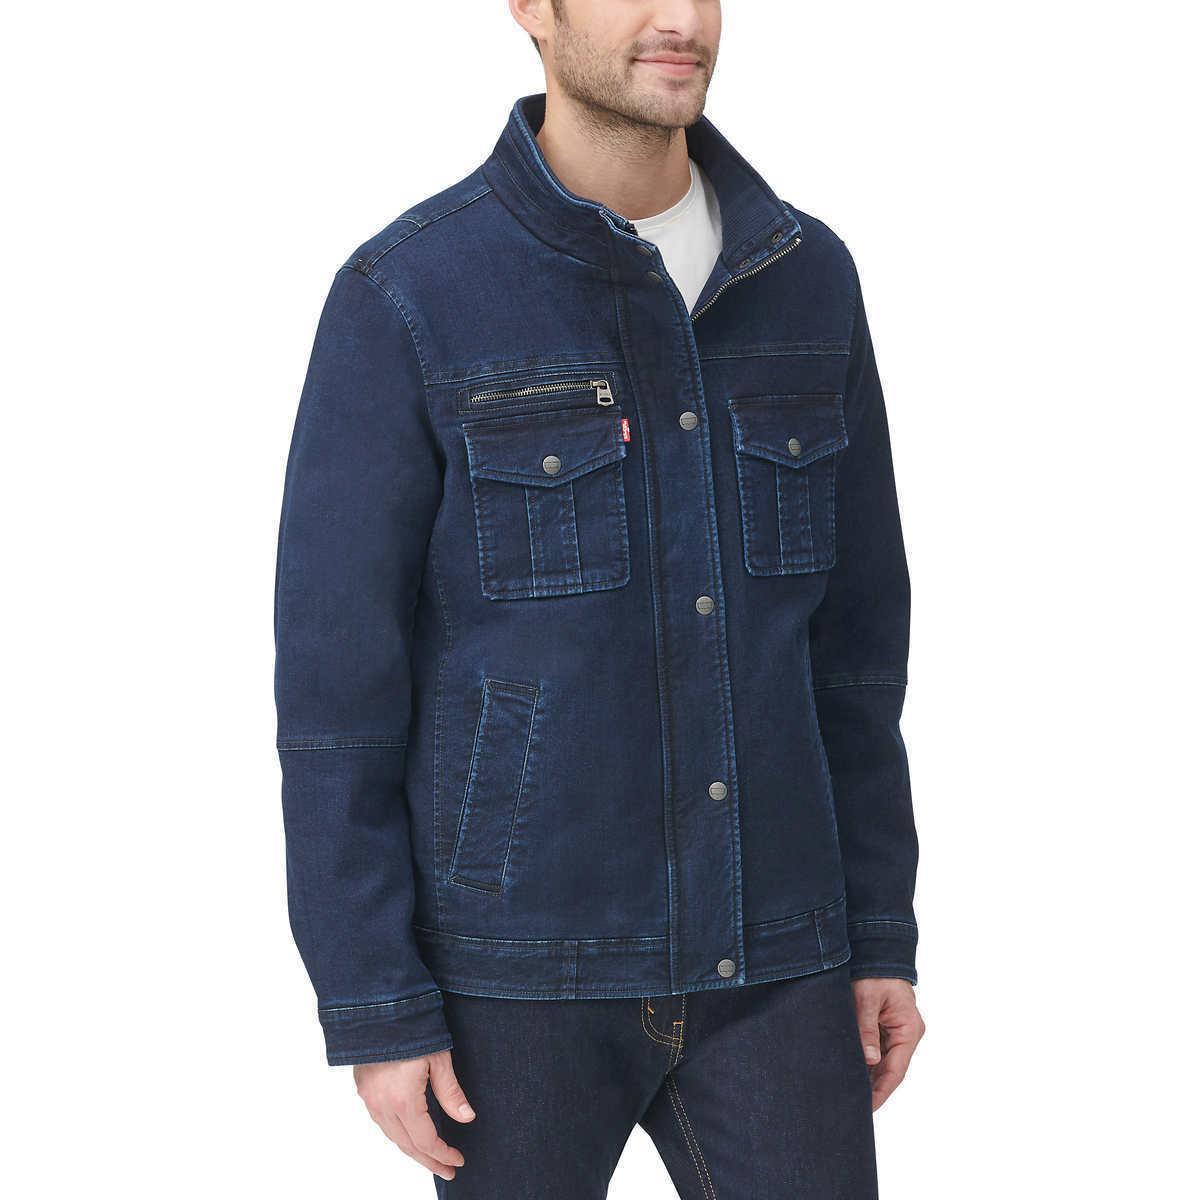 Levi's Stretch Twill Jacket ,Blue/Navy Size: XL